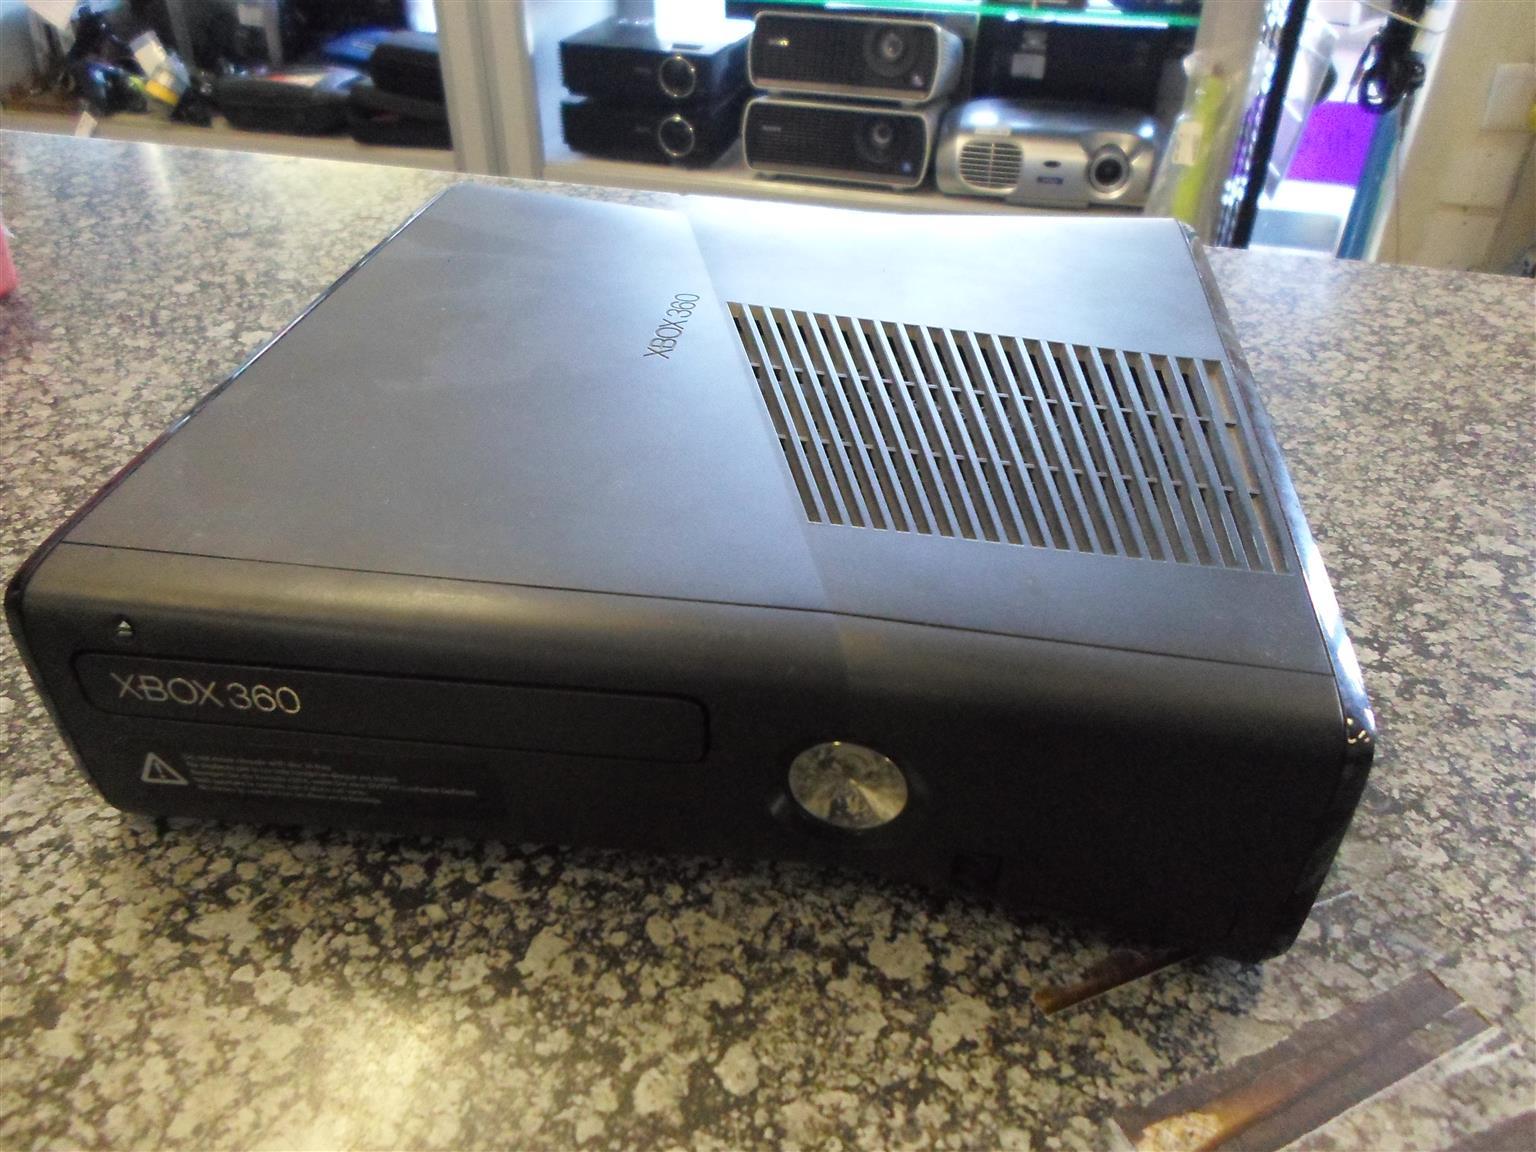 250GB XBOX 360 + Accessories